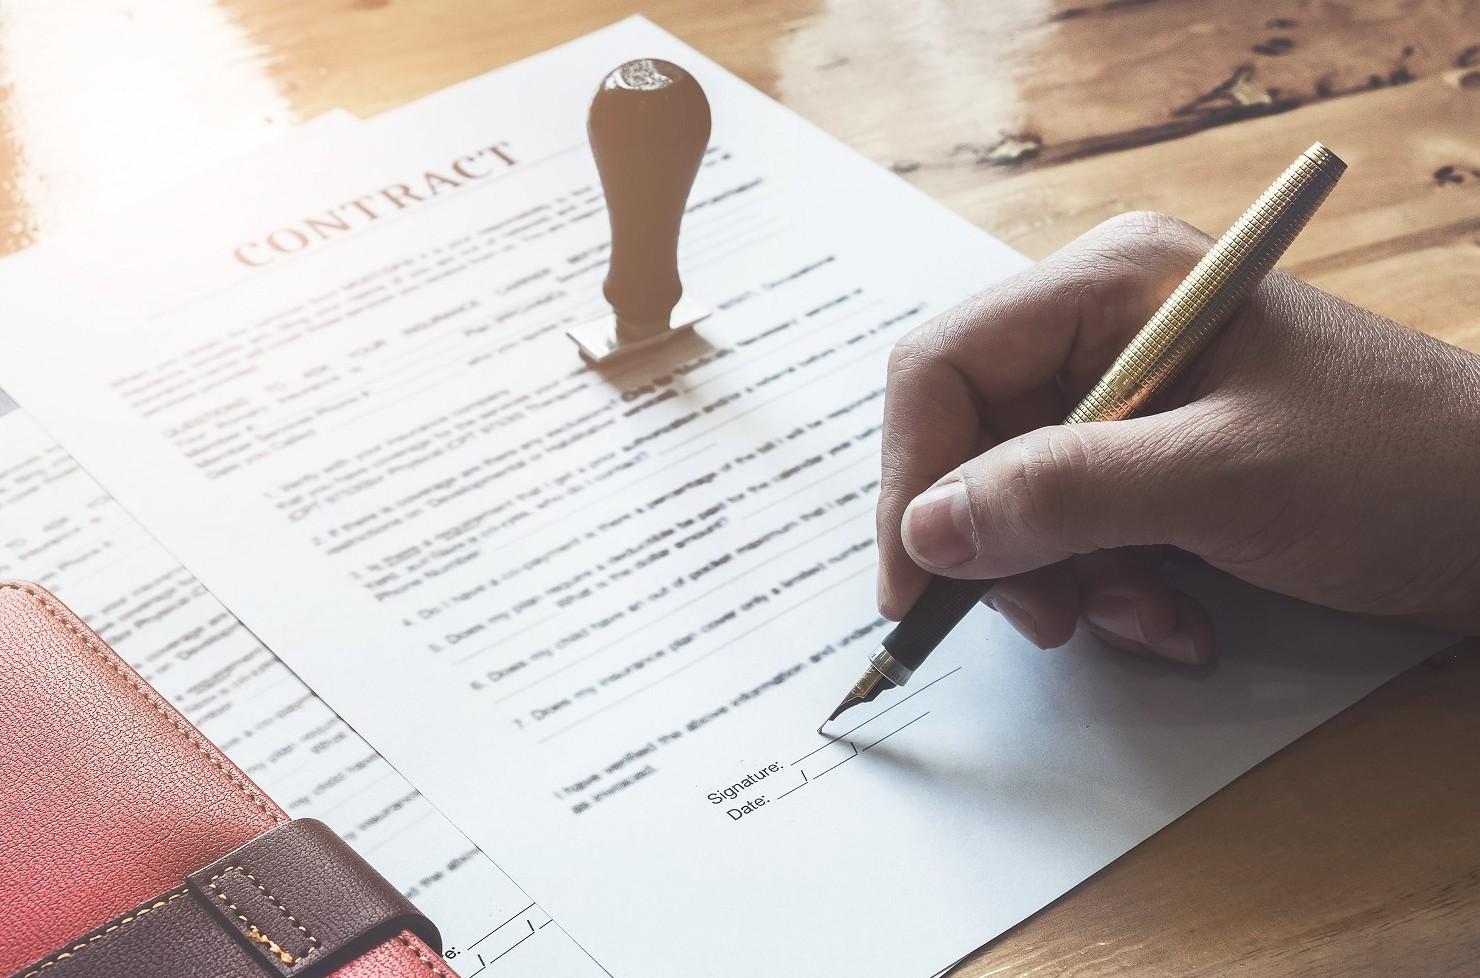 Contratto apprendistato 2020 come funziona. Leggi in vigore e contratti nazionali